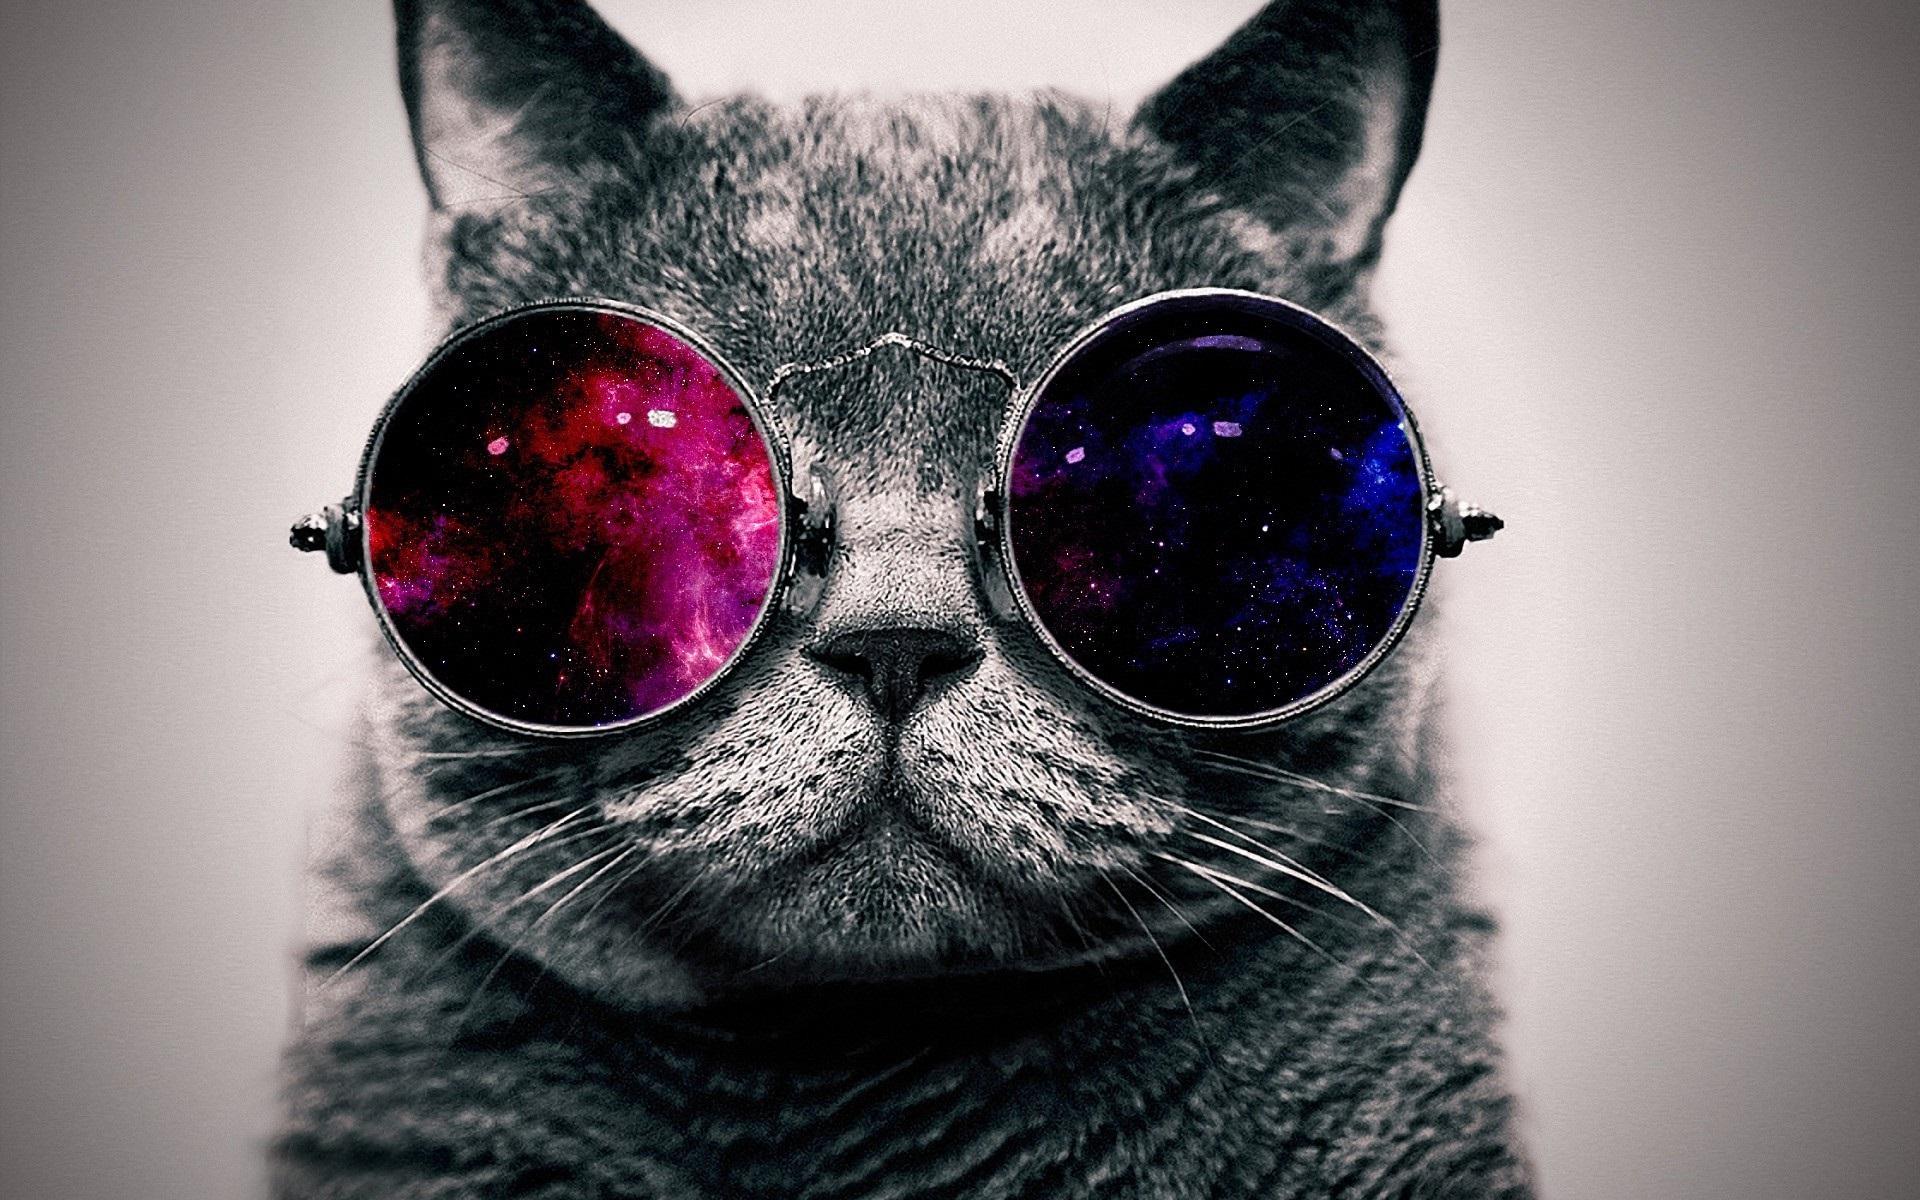 кот очки мордочка бесплатно